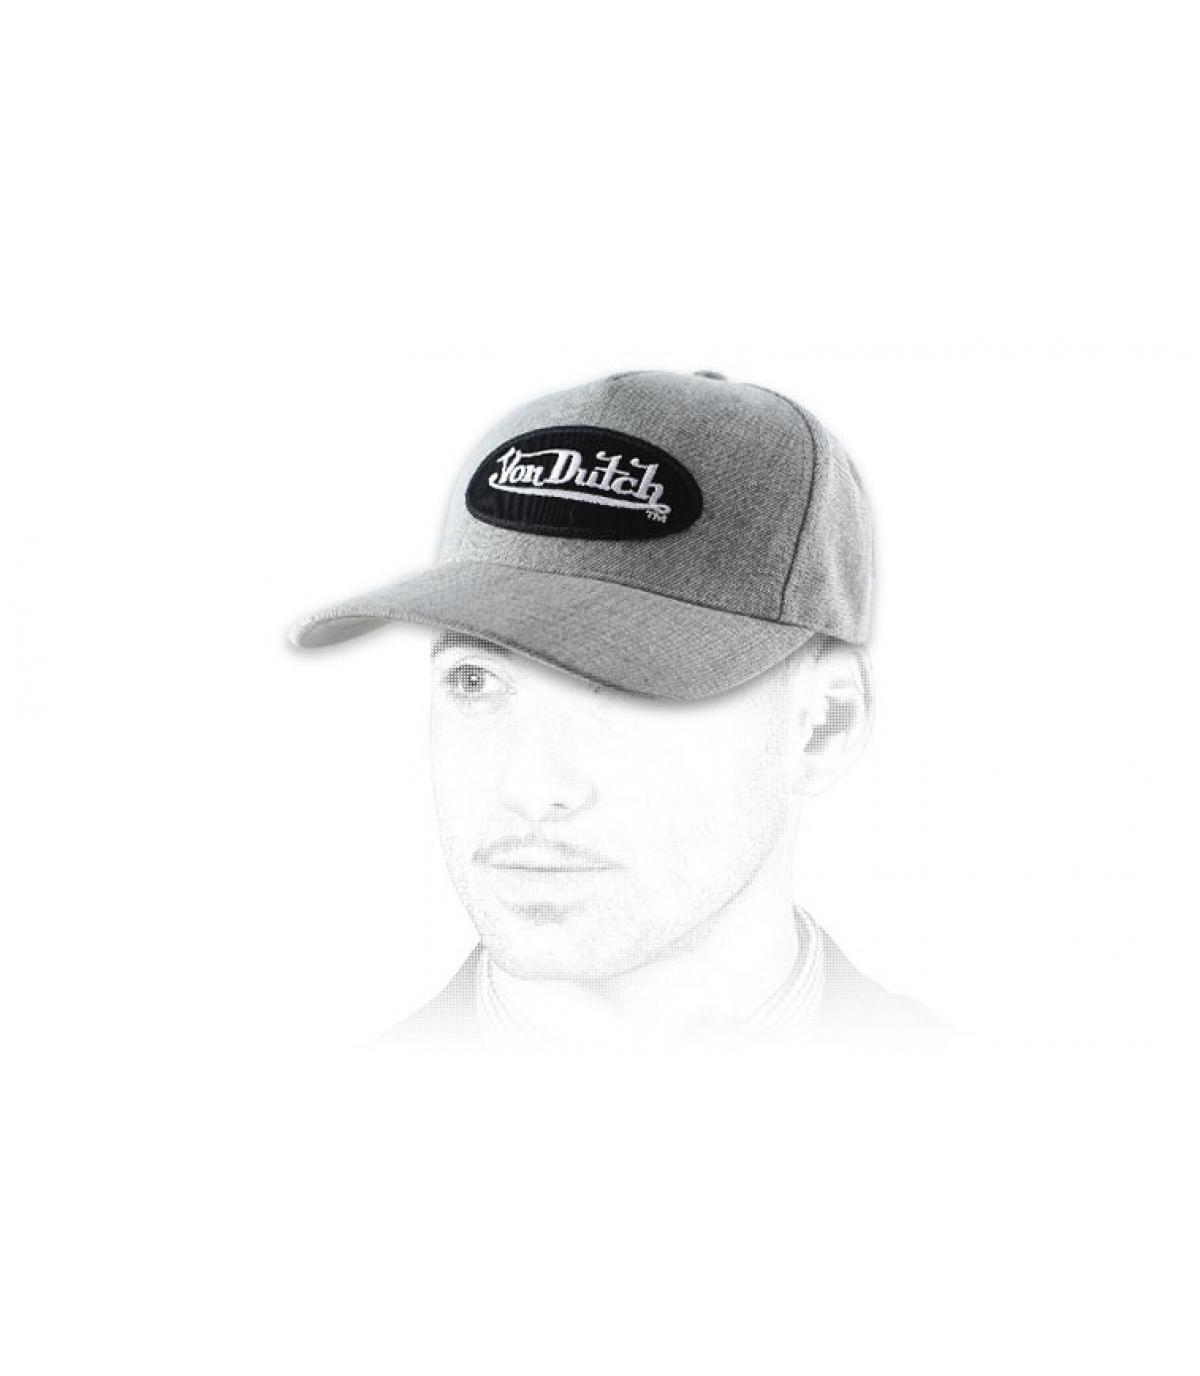 Trucker Cap Von Dutch grau meliert